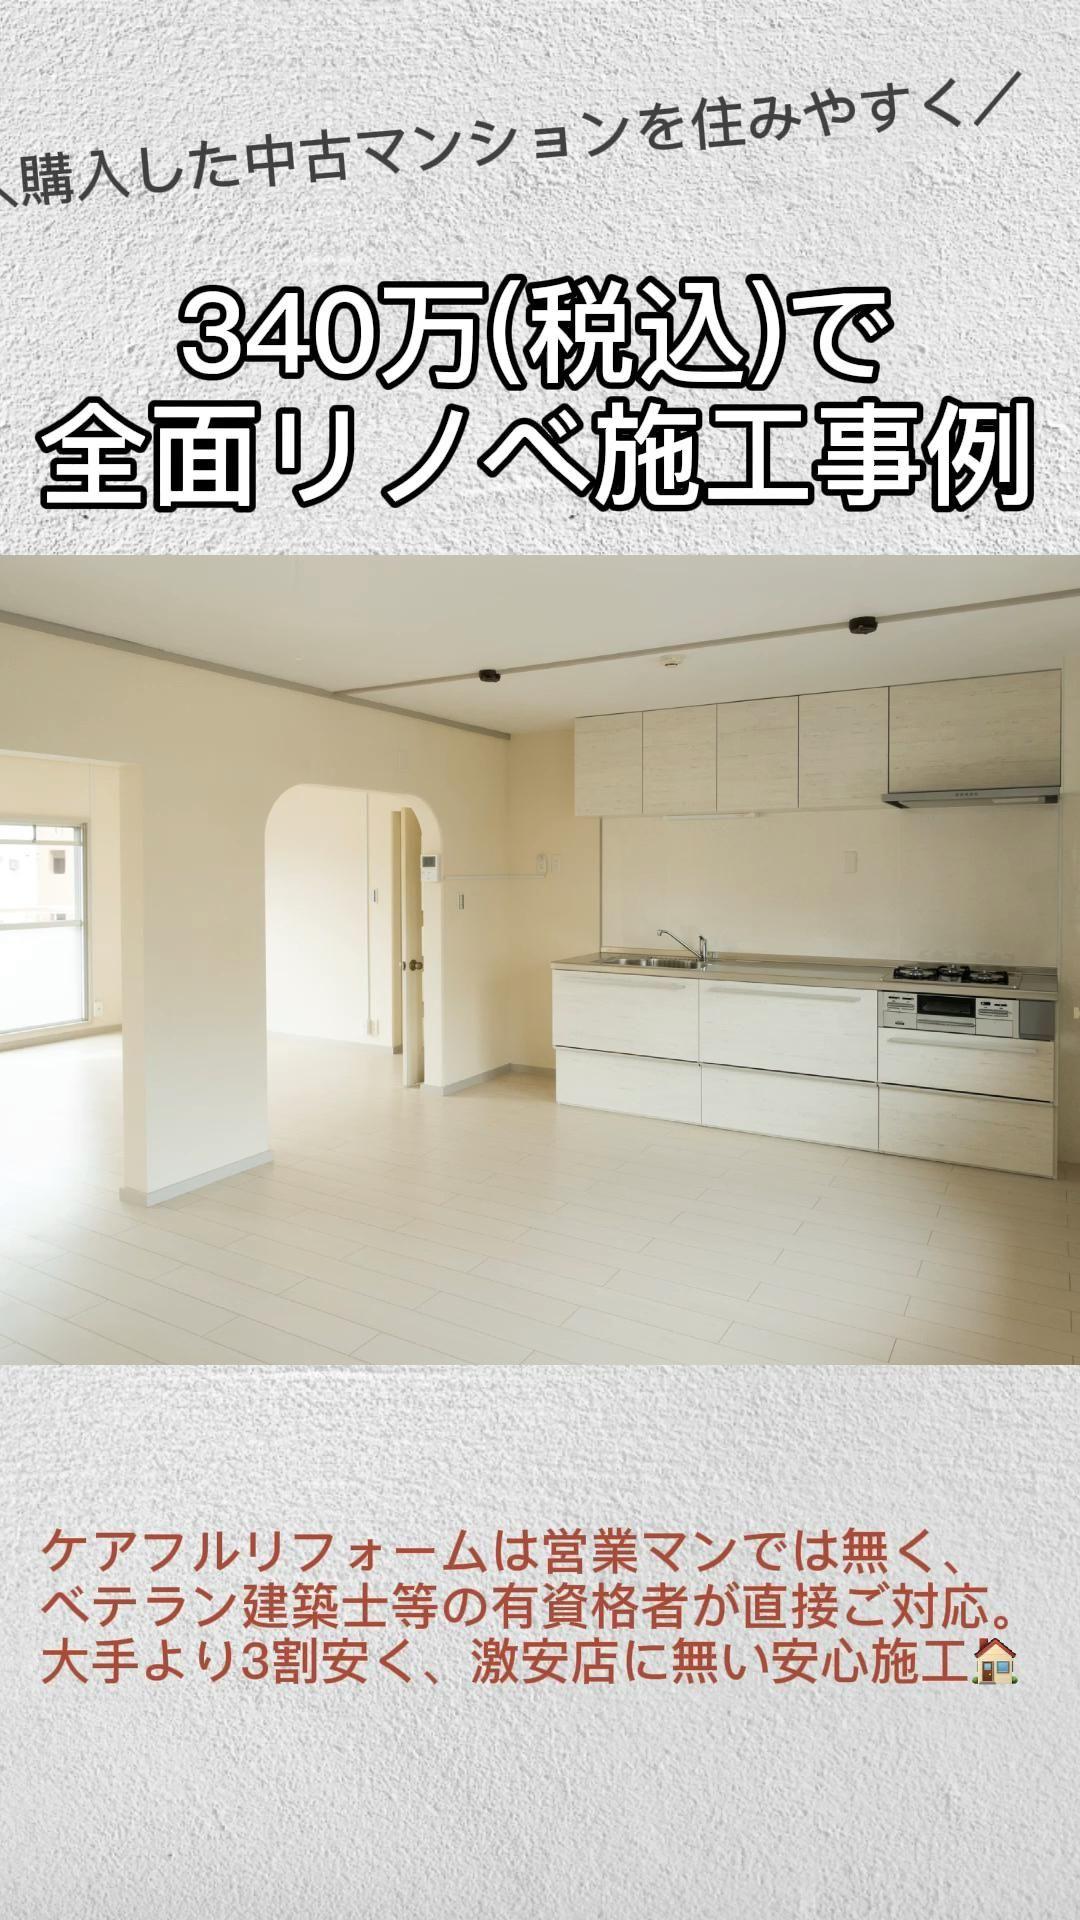 千葉で中古マンションを買って340万円でフルリノベーションした事例!不動産屋や大手より3〜5割安くて、安心なリフォーム!